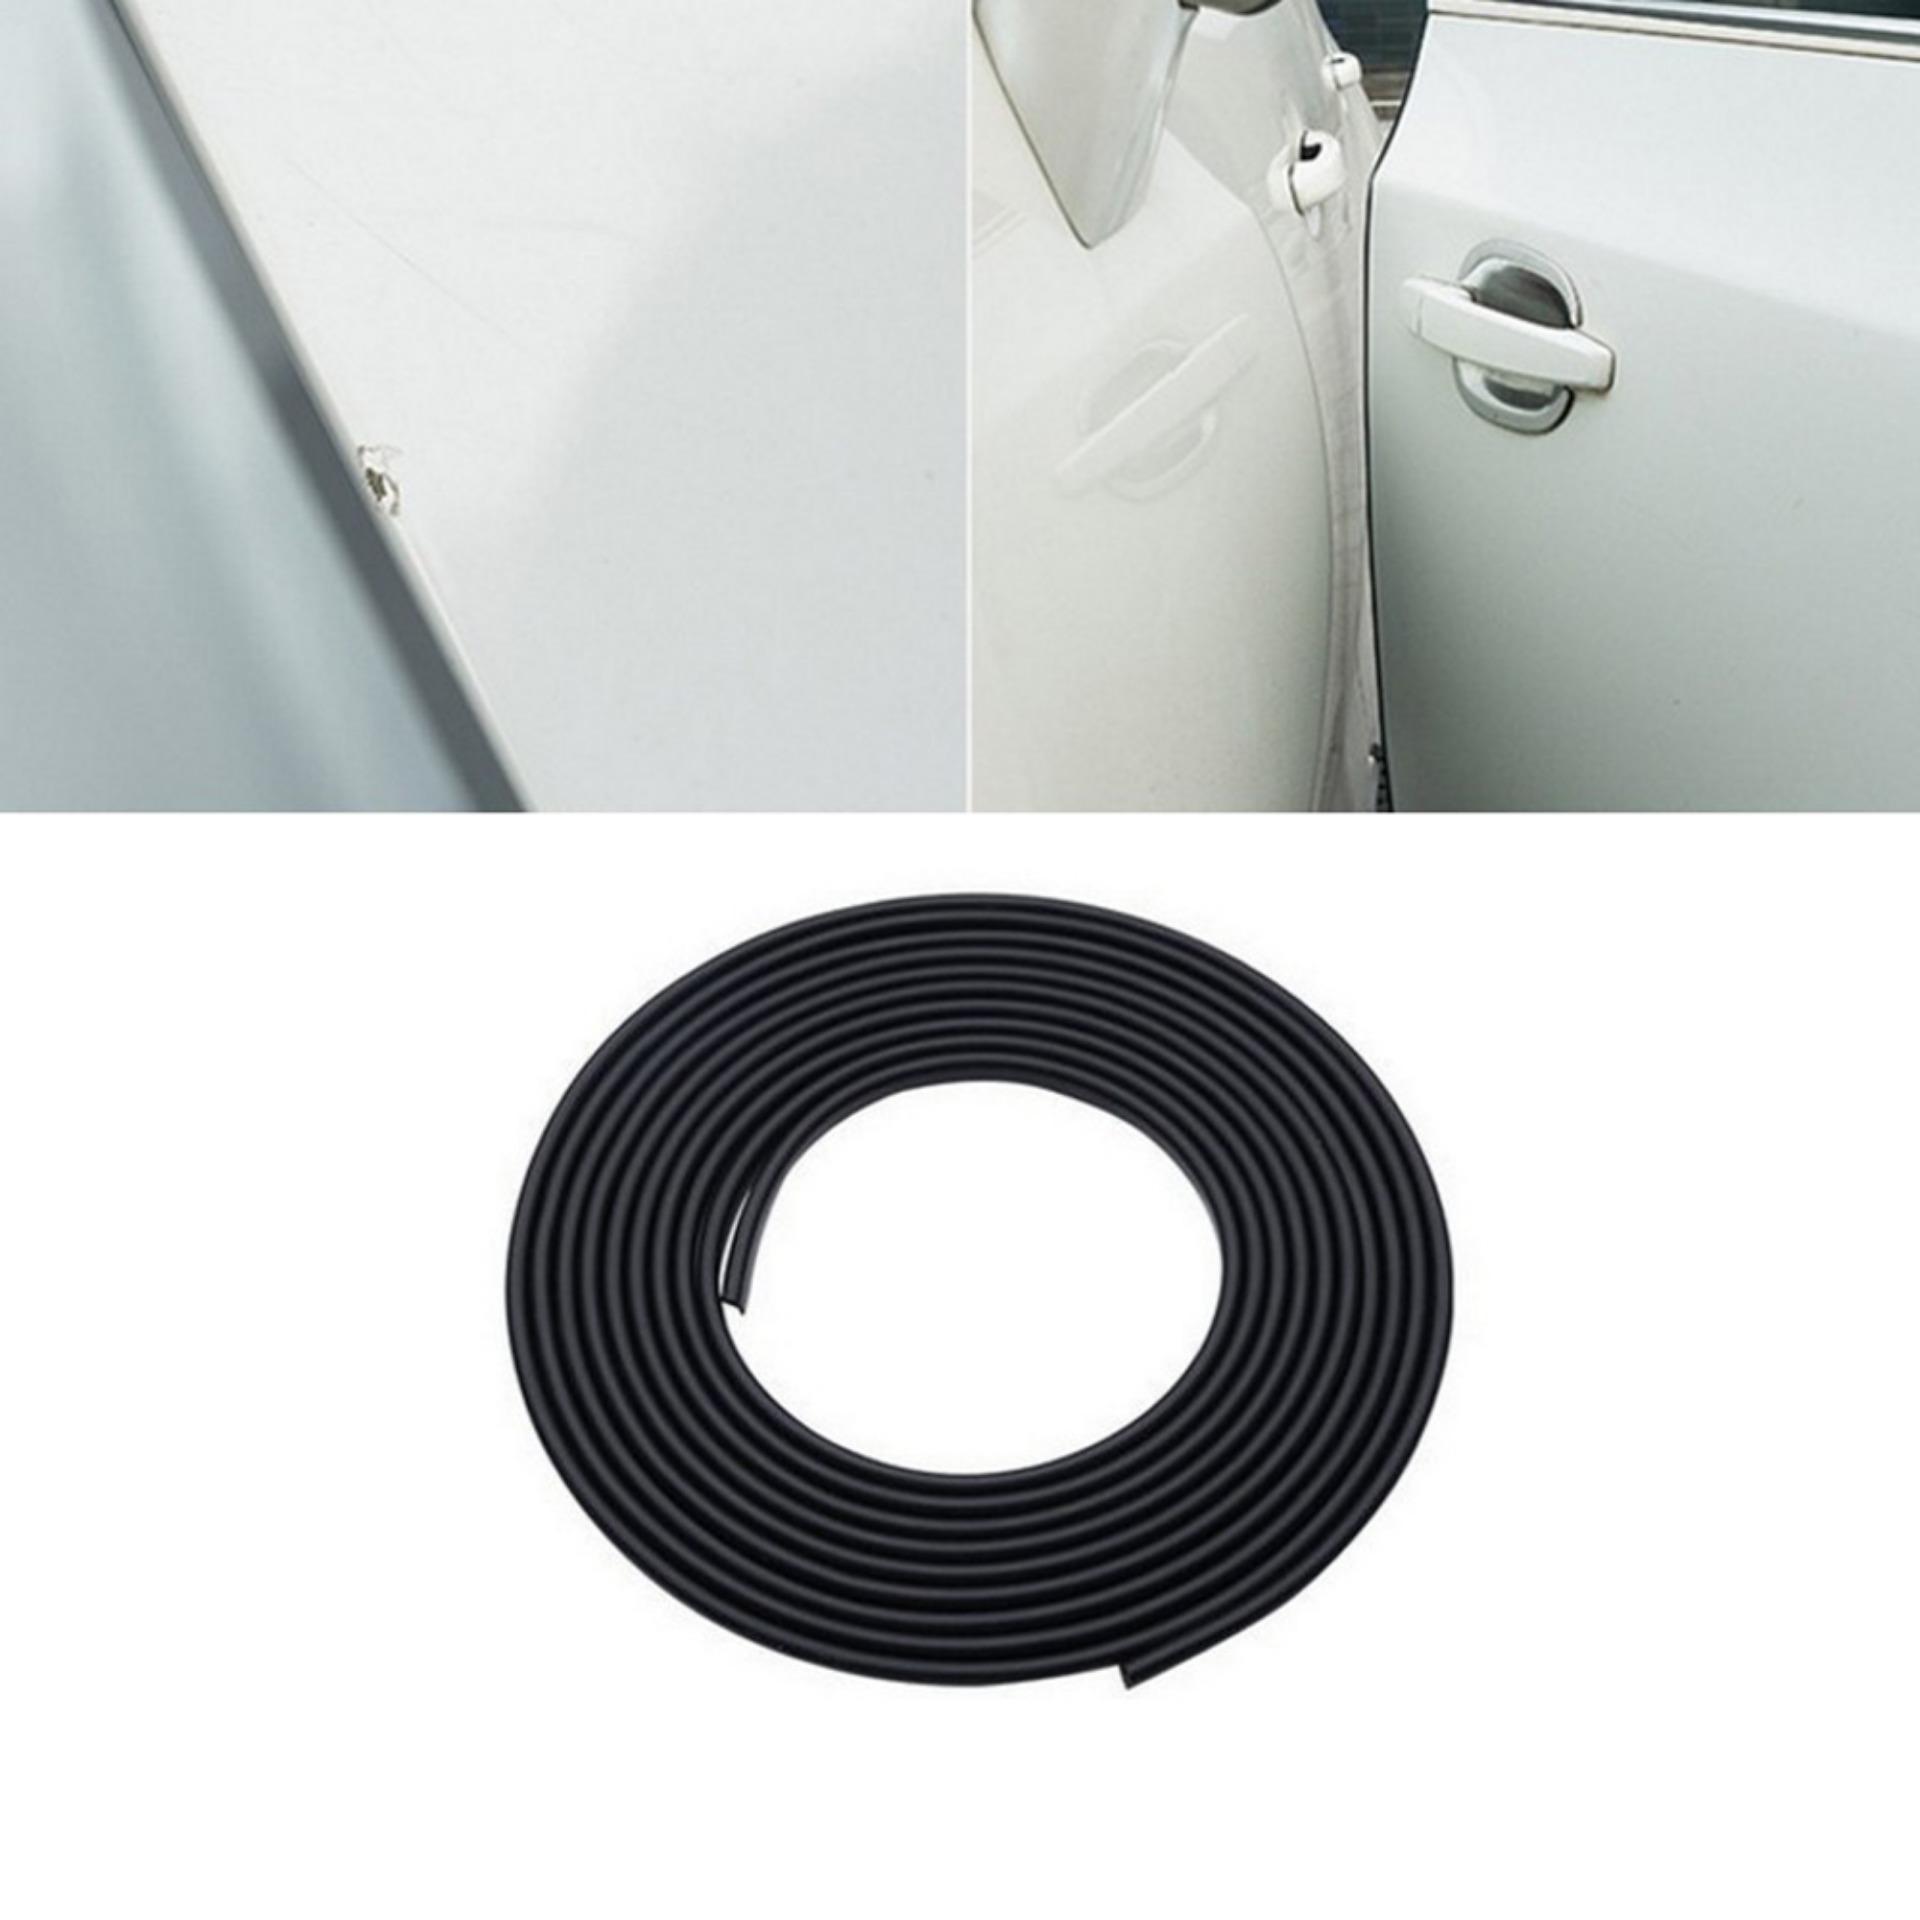 ... Black Car Door Sealing Bumper Trim Strip Scratch Protector EdgeGuard Cover Anti Wear Rubber Strip ...